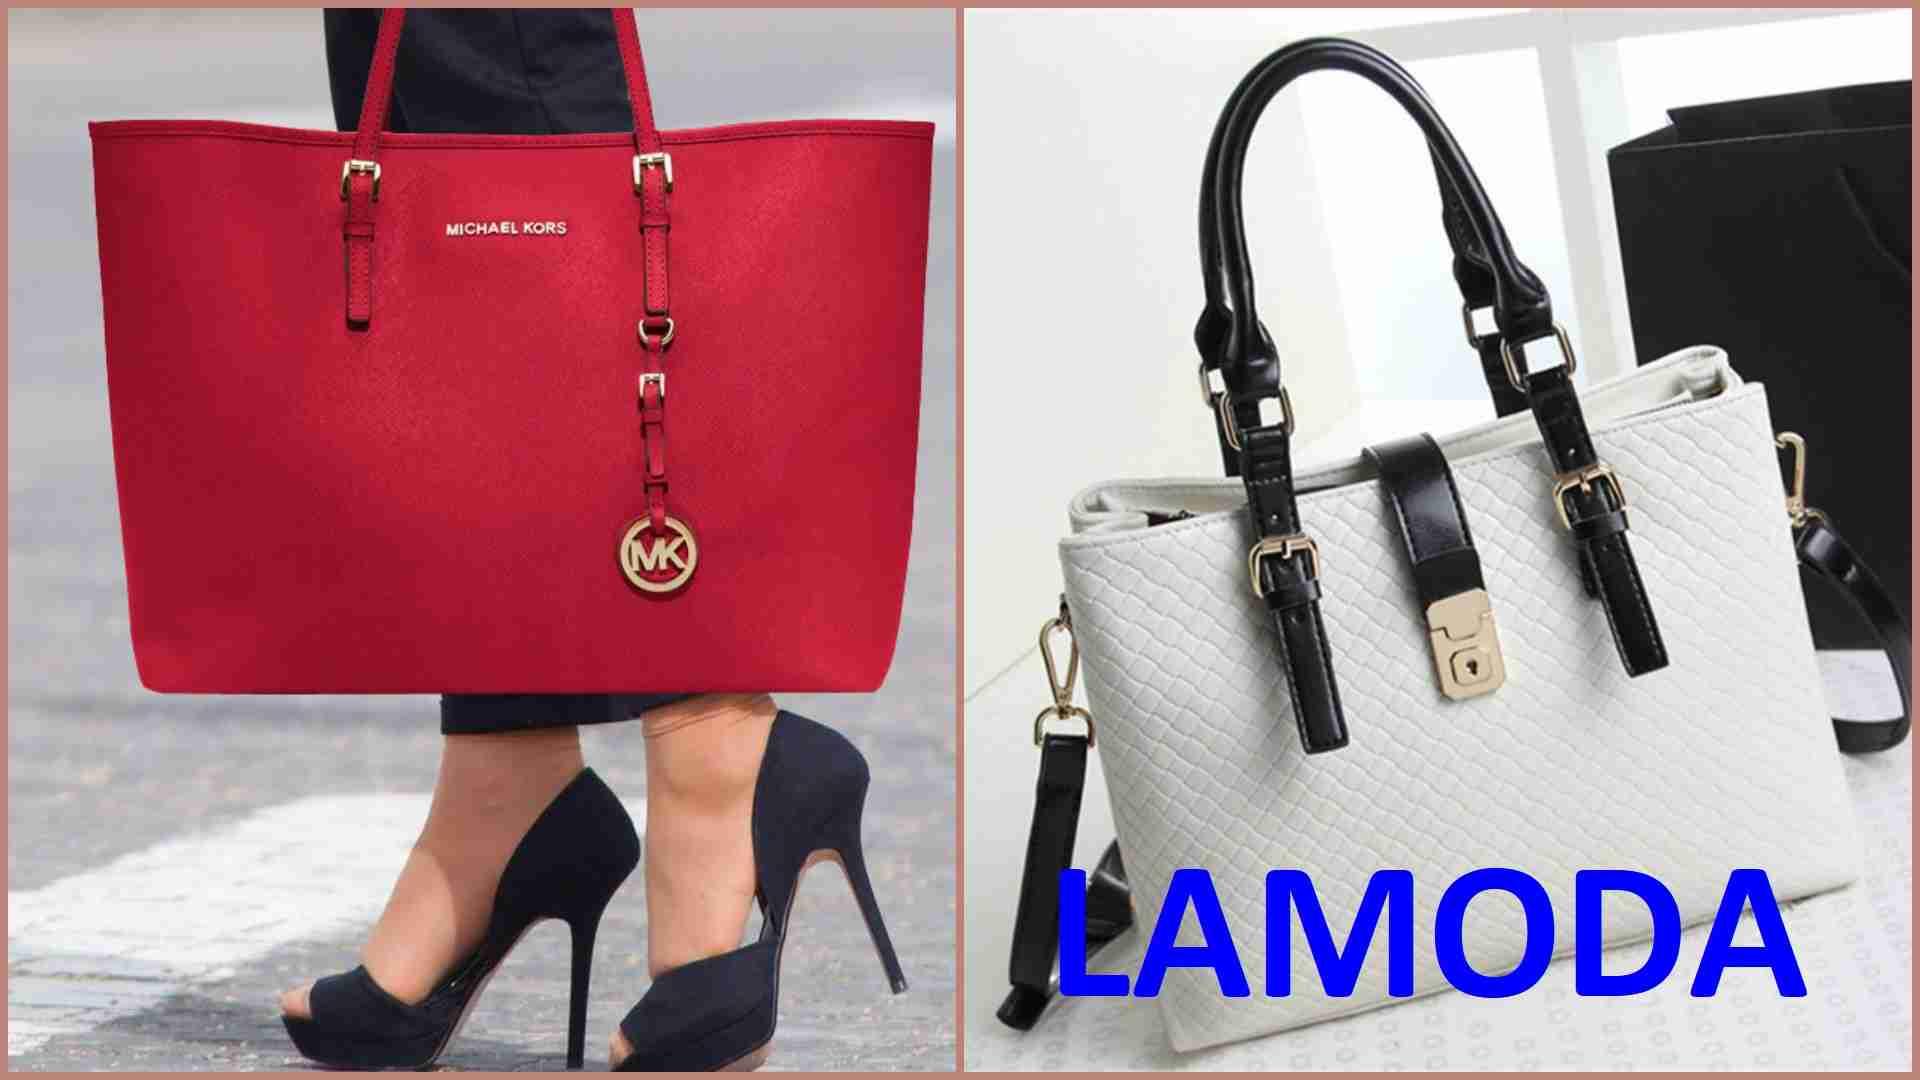 5af796a1b51e Женские сумки рюкзаки покупают с вайлдберриз или заказывают кожаные в  магазинах ламода и алиэкспресс